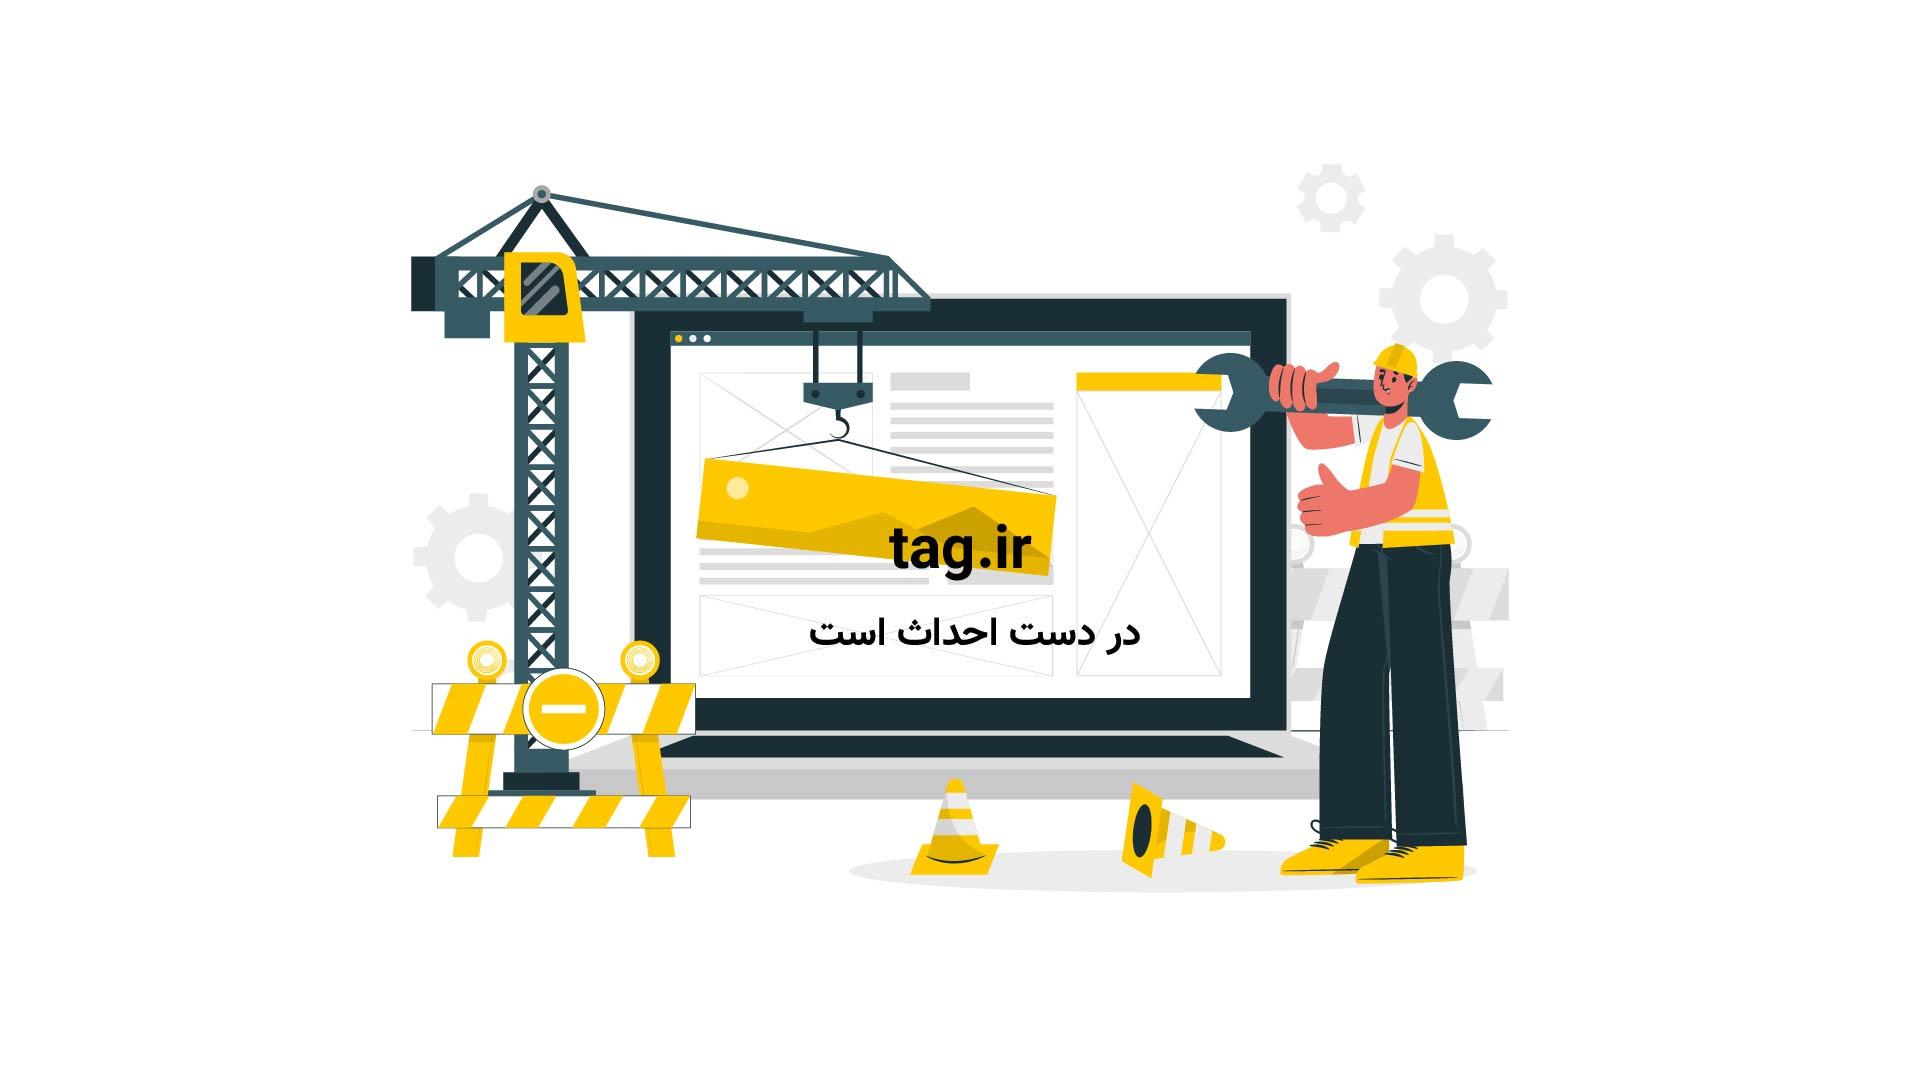 ترافل شکلاتی آووکادو | تگ